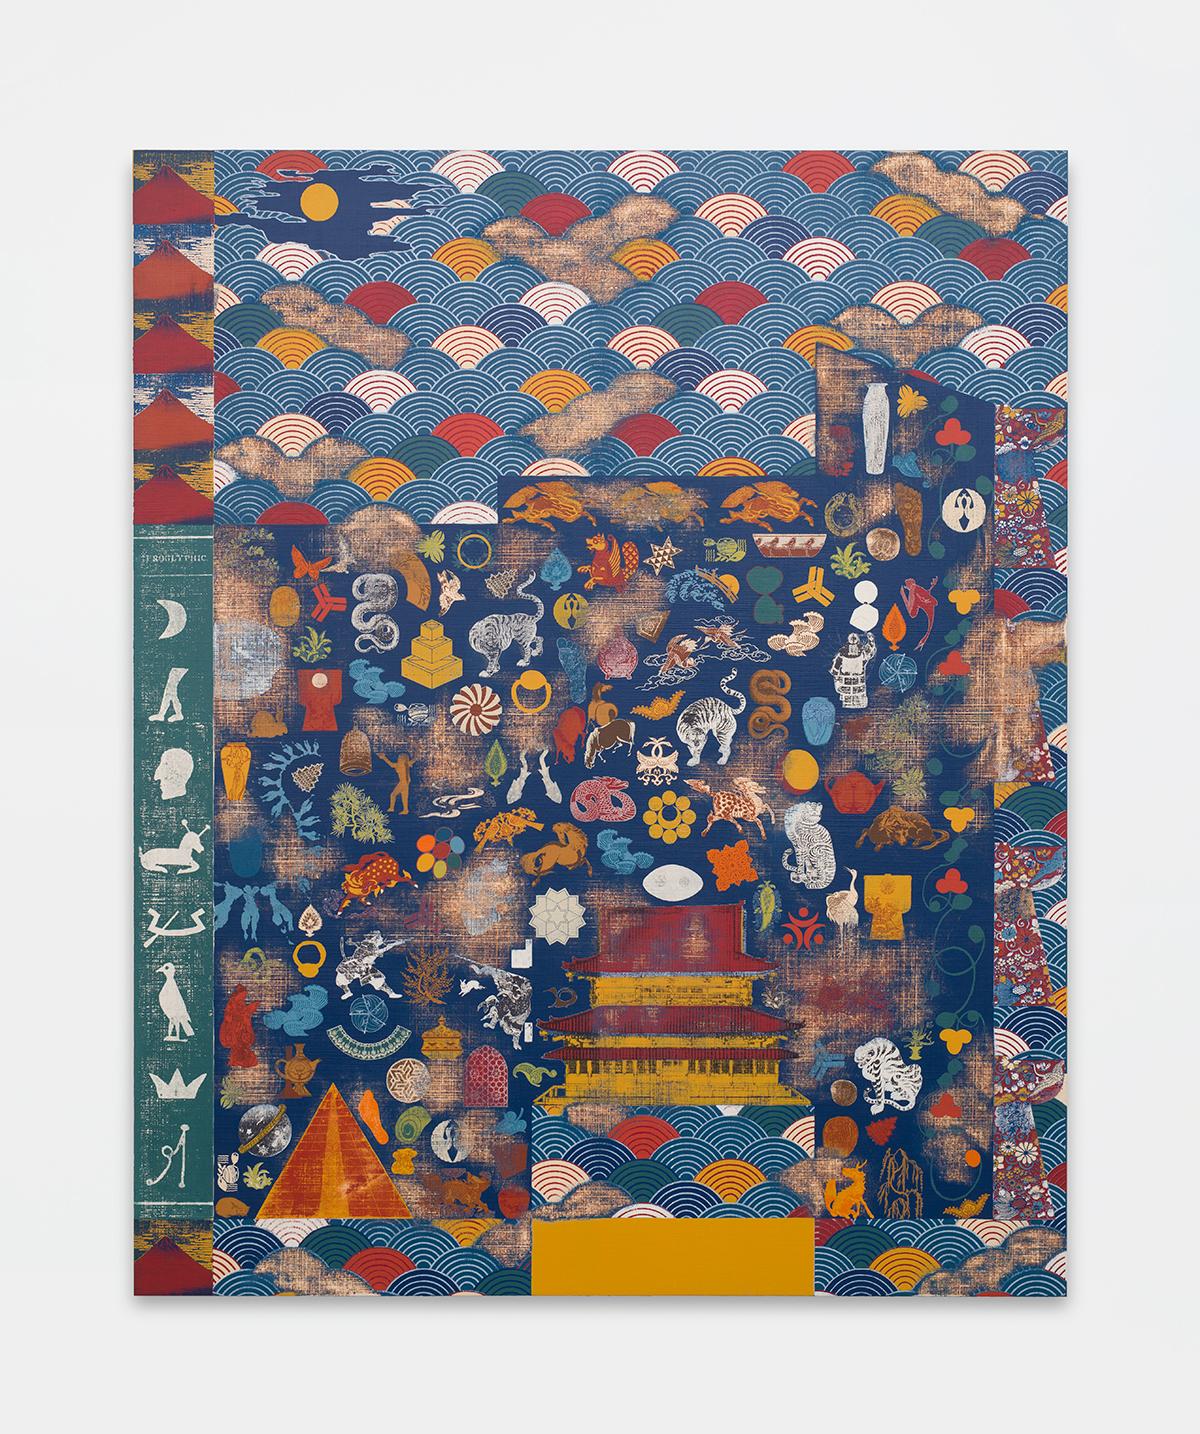 Kour Pour, Mystic Waves (Seigaiha), 2019, 165.10 × 134.62 cm Courtesy of Kour Pour